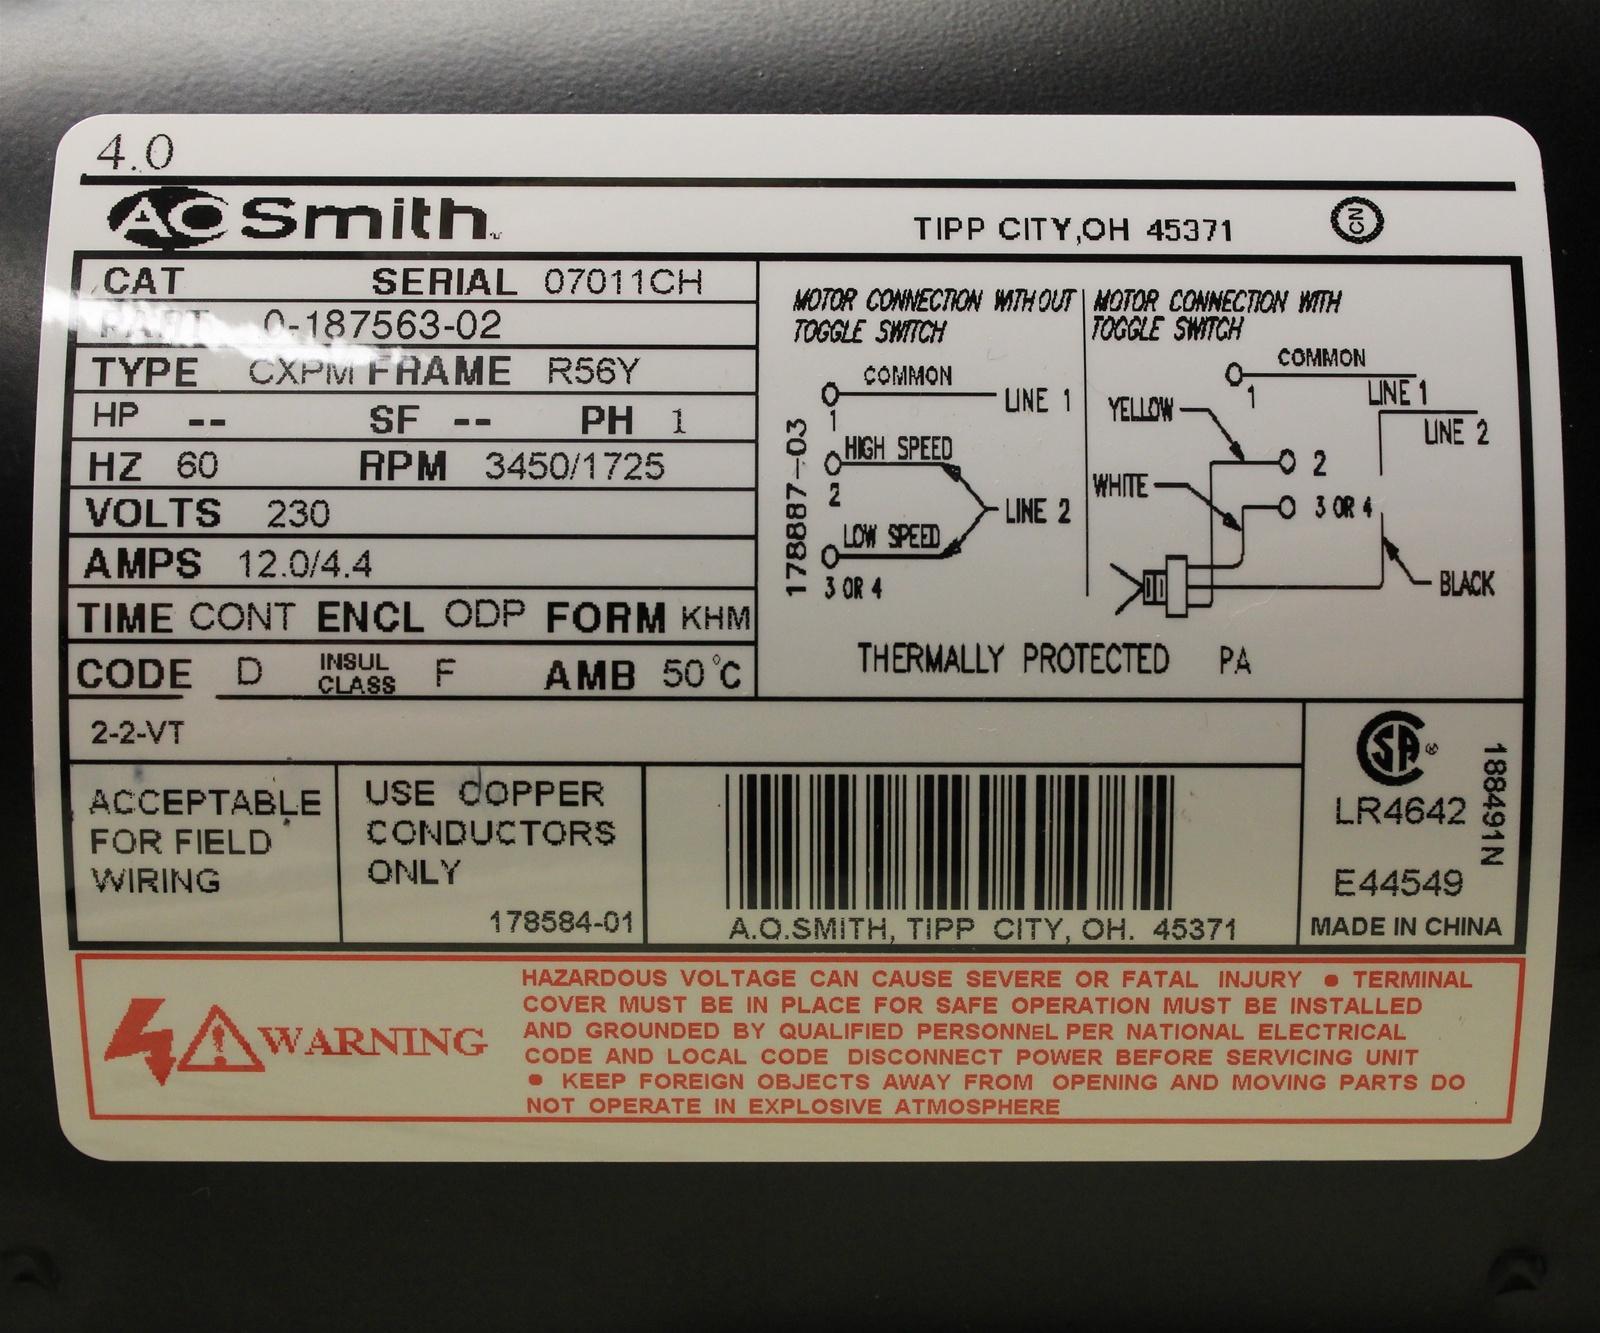 115 230 Volt Wiring Diagram Schematic | Wiring Diagram - Century Ac Motor Wiring Diagram 115 230 Volts